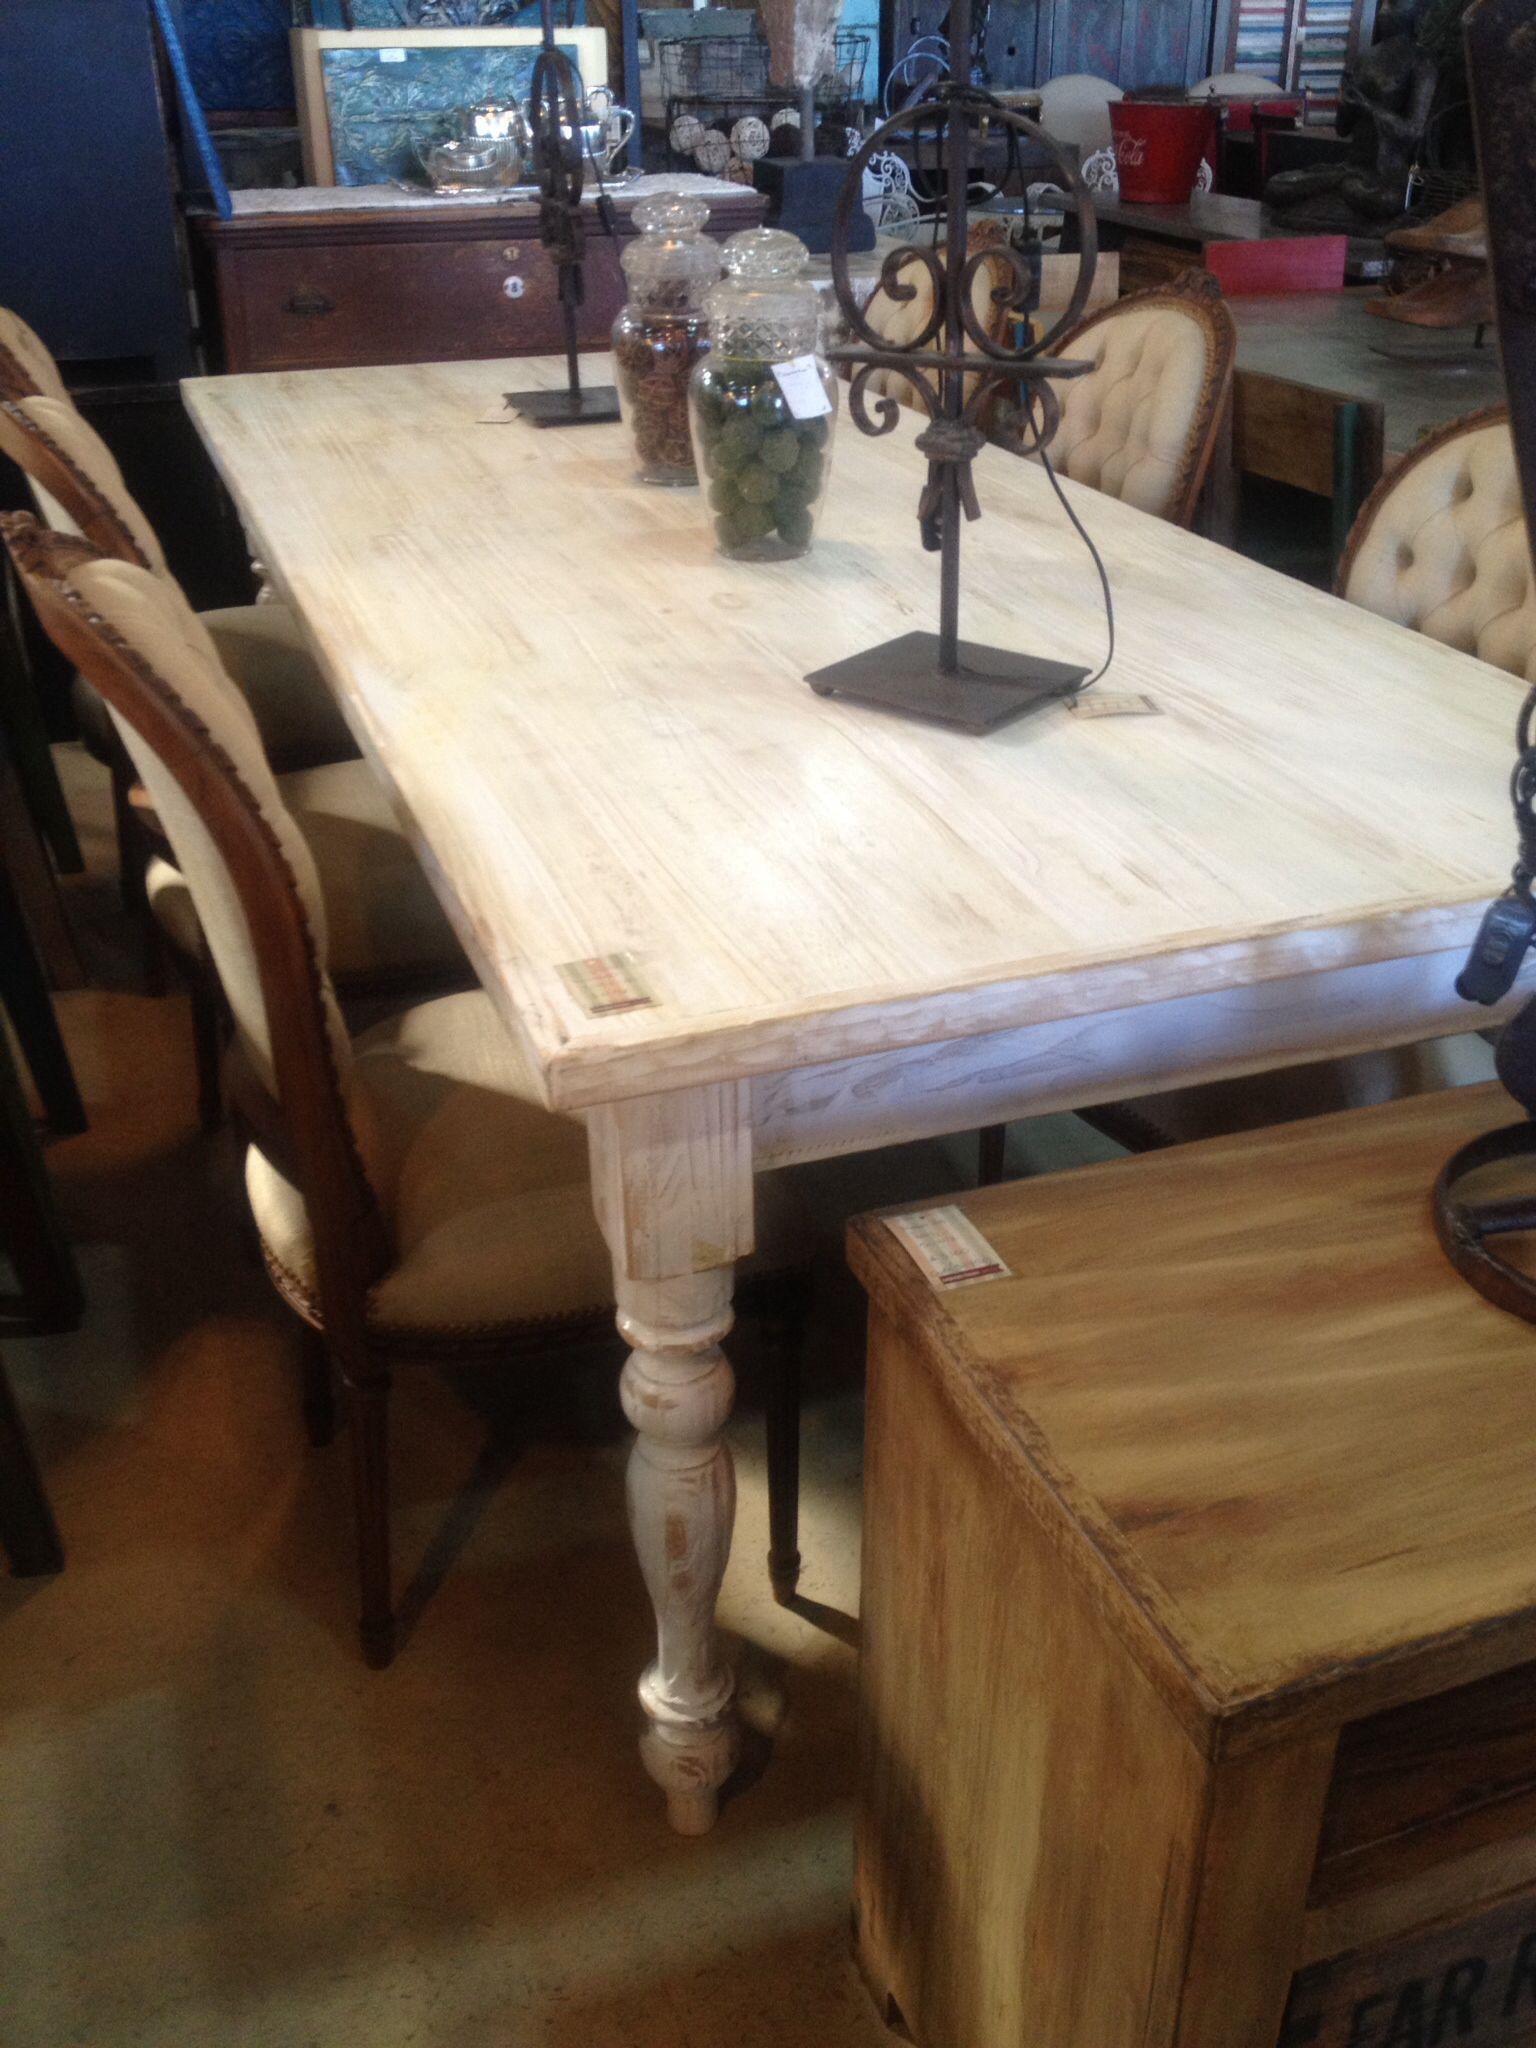 Mesa decapada y patinada Renové la mesa d casa y quedó como nueva ...